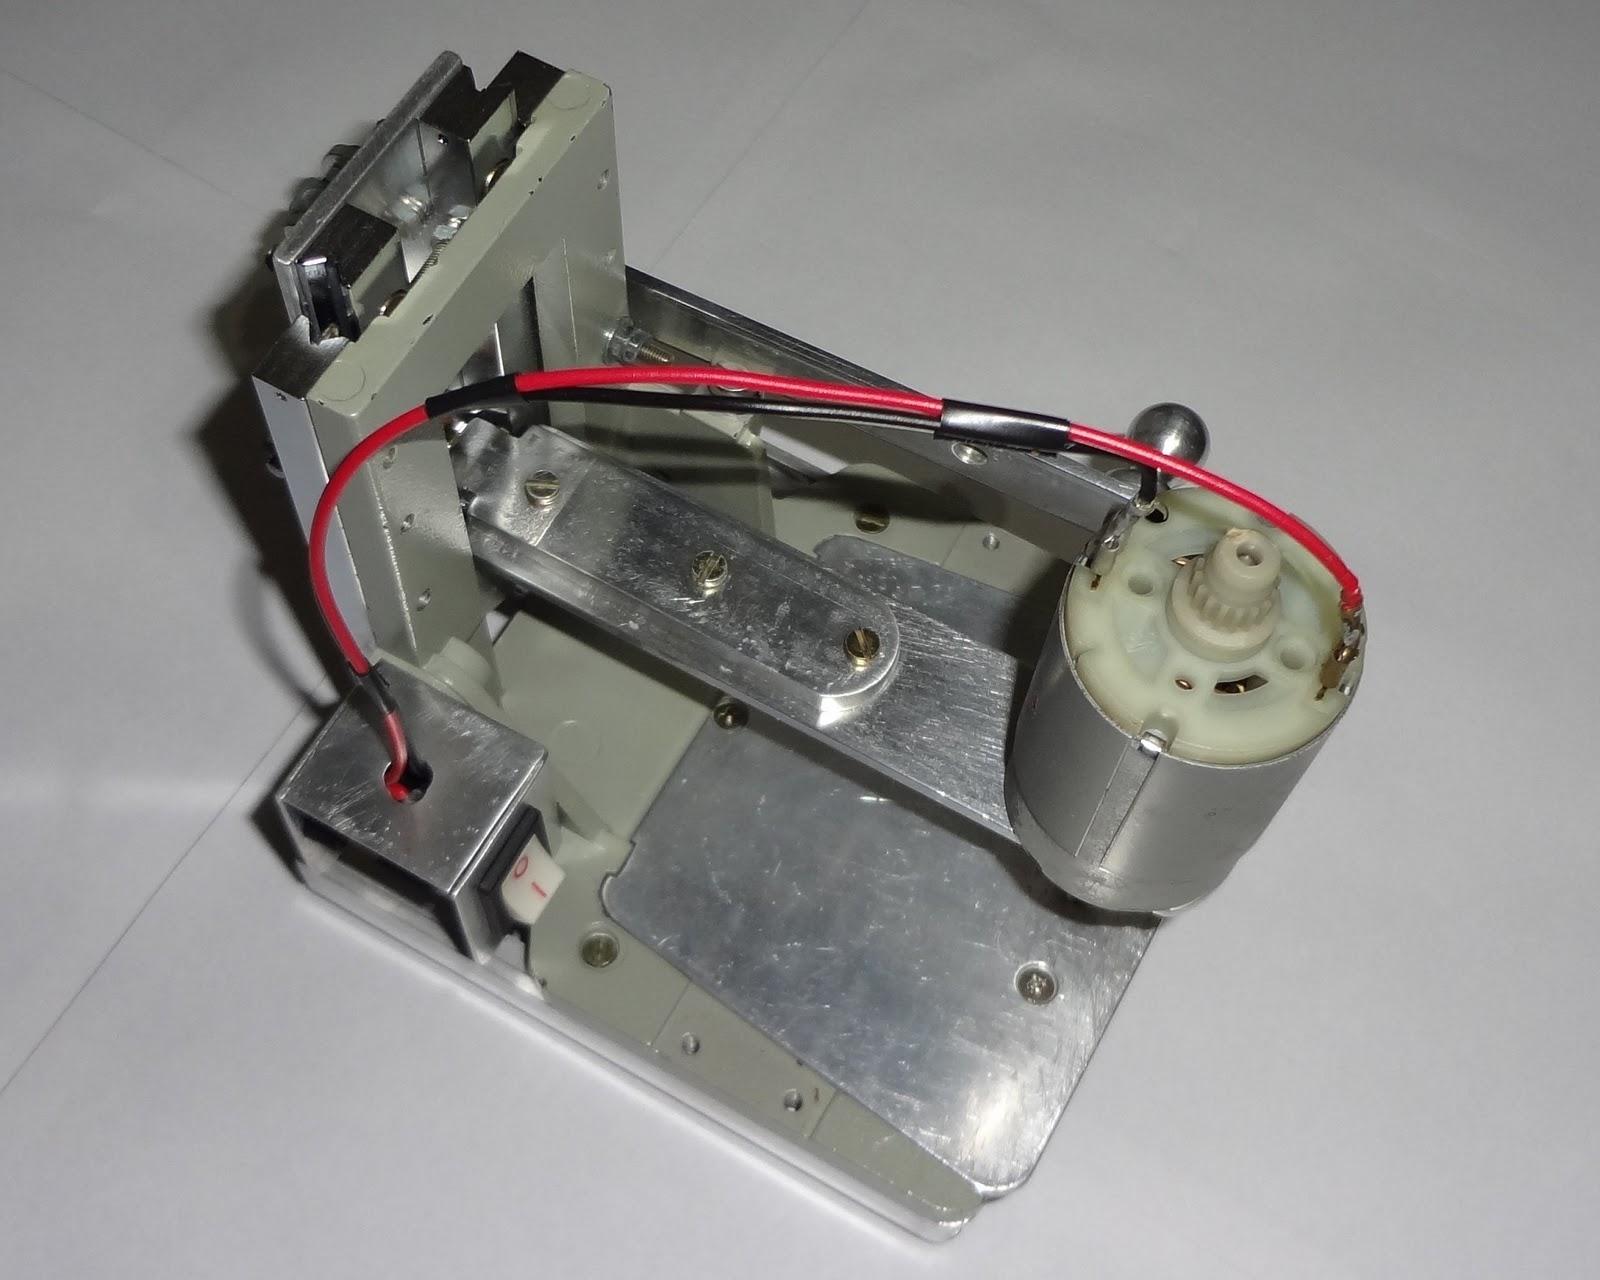 Eletricamente Falando: Mini Furadeira de Bancada #AE1D34 1600x1280